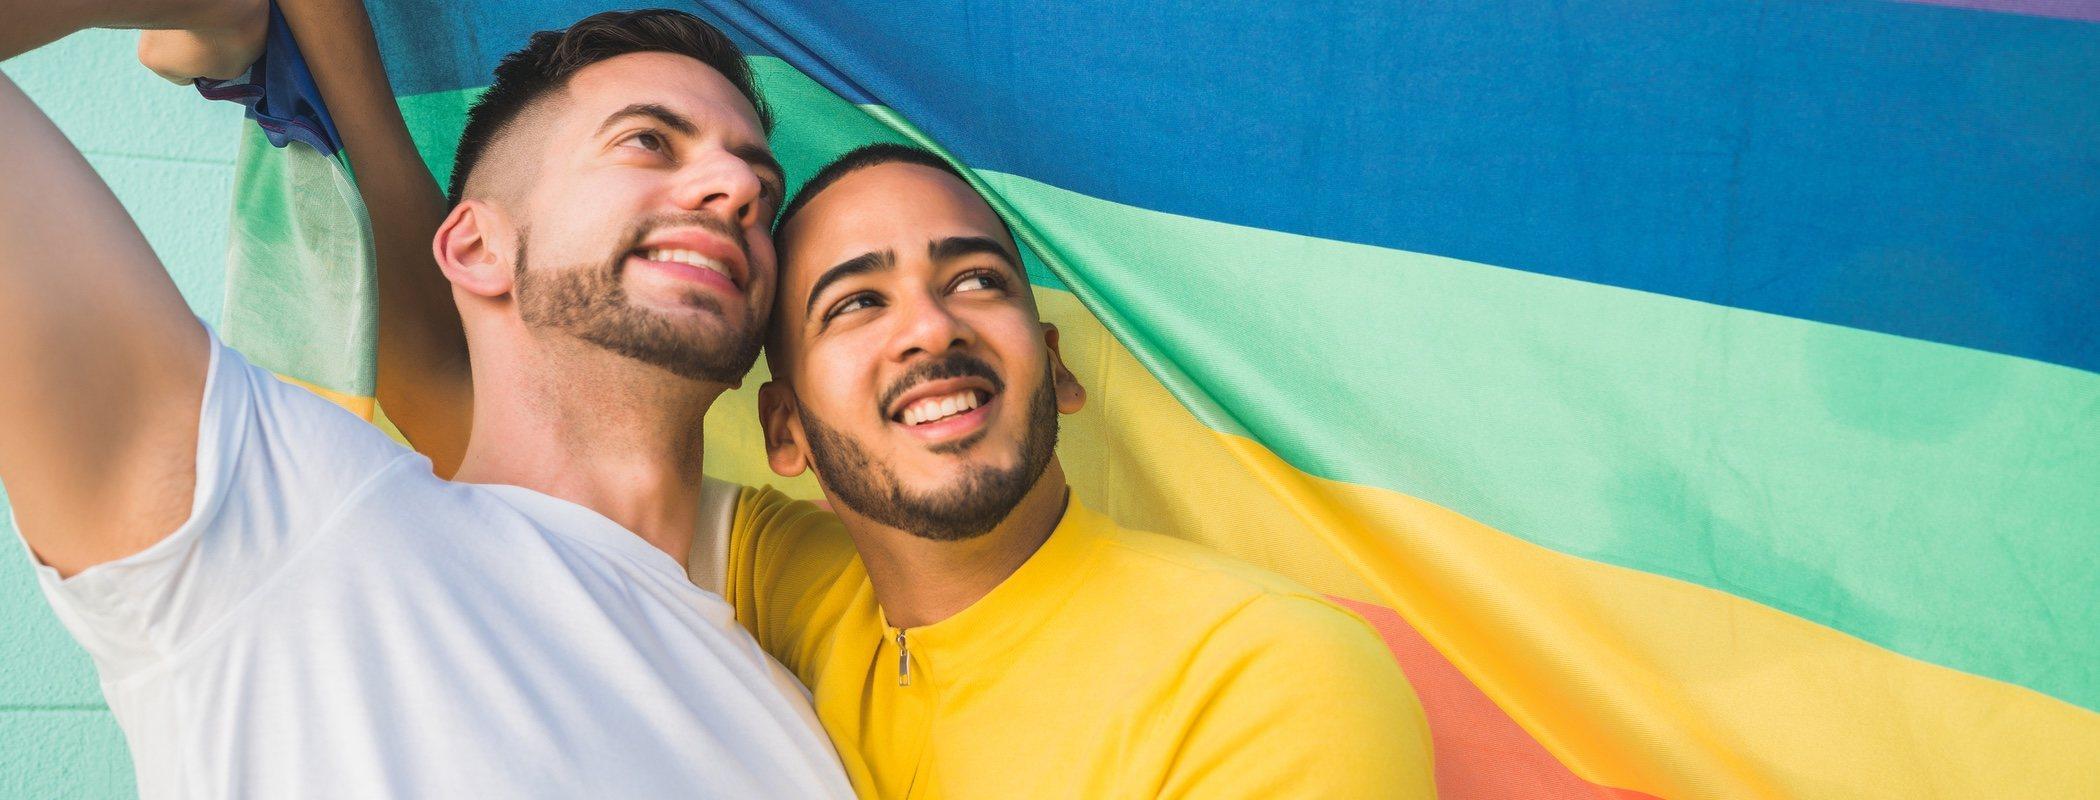 22 frases homófobas que quizás digas sin darte cuenta y que deberías evitar pronunciar